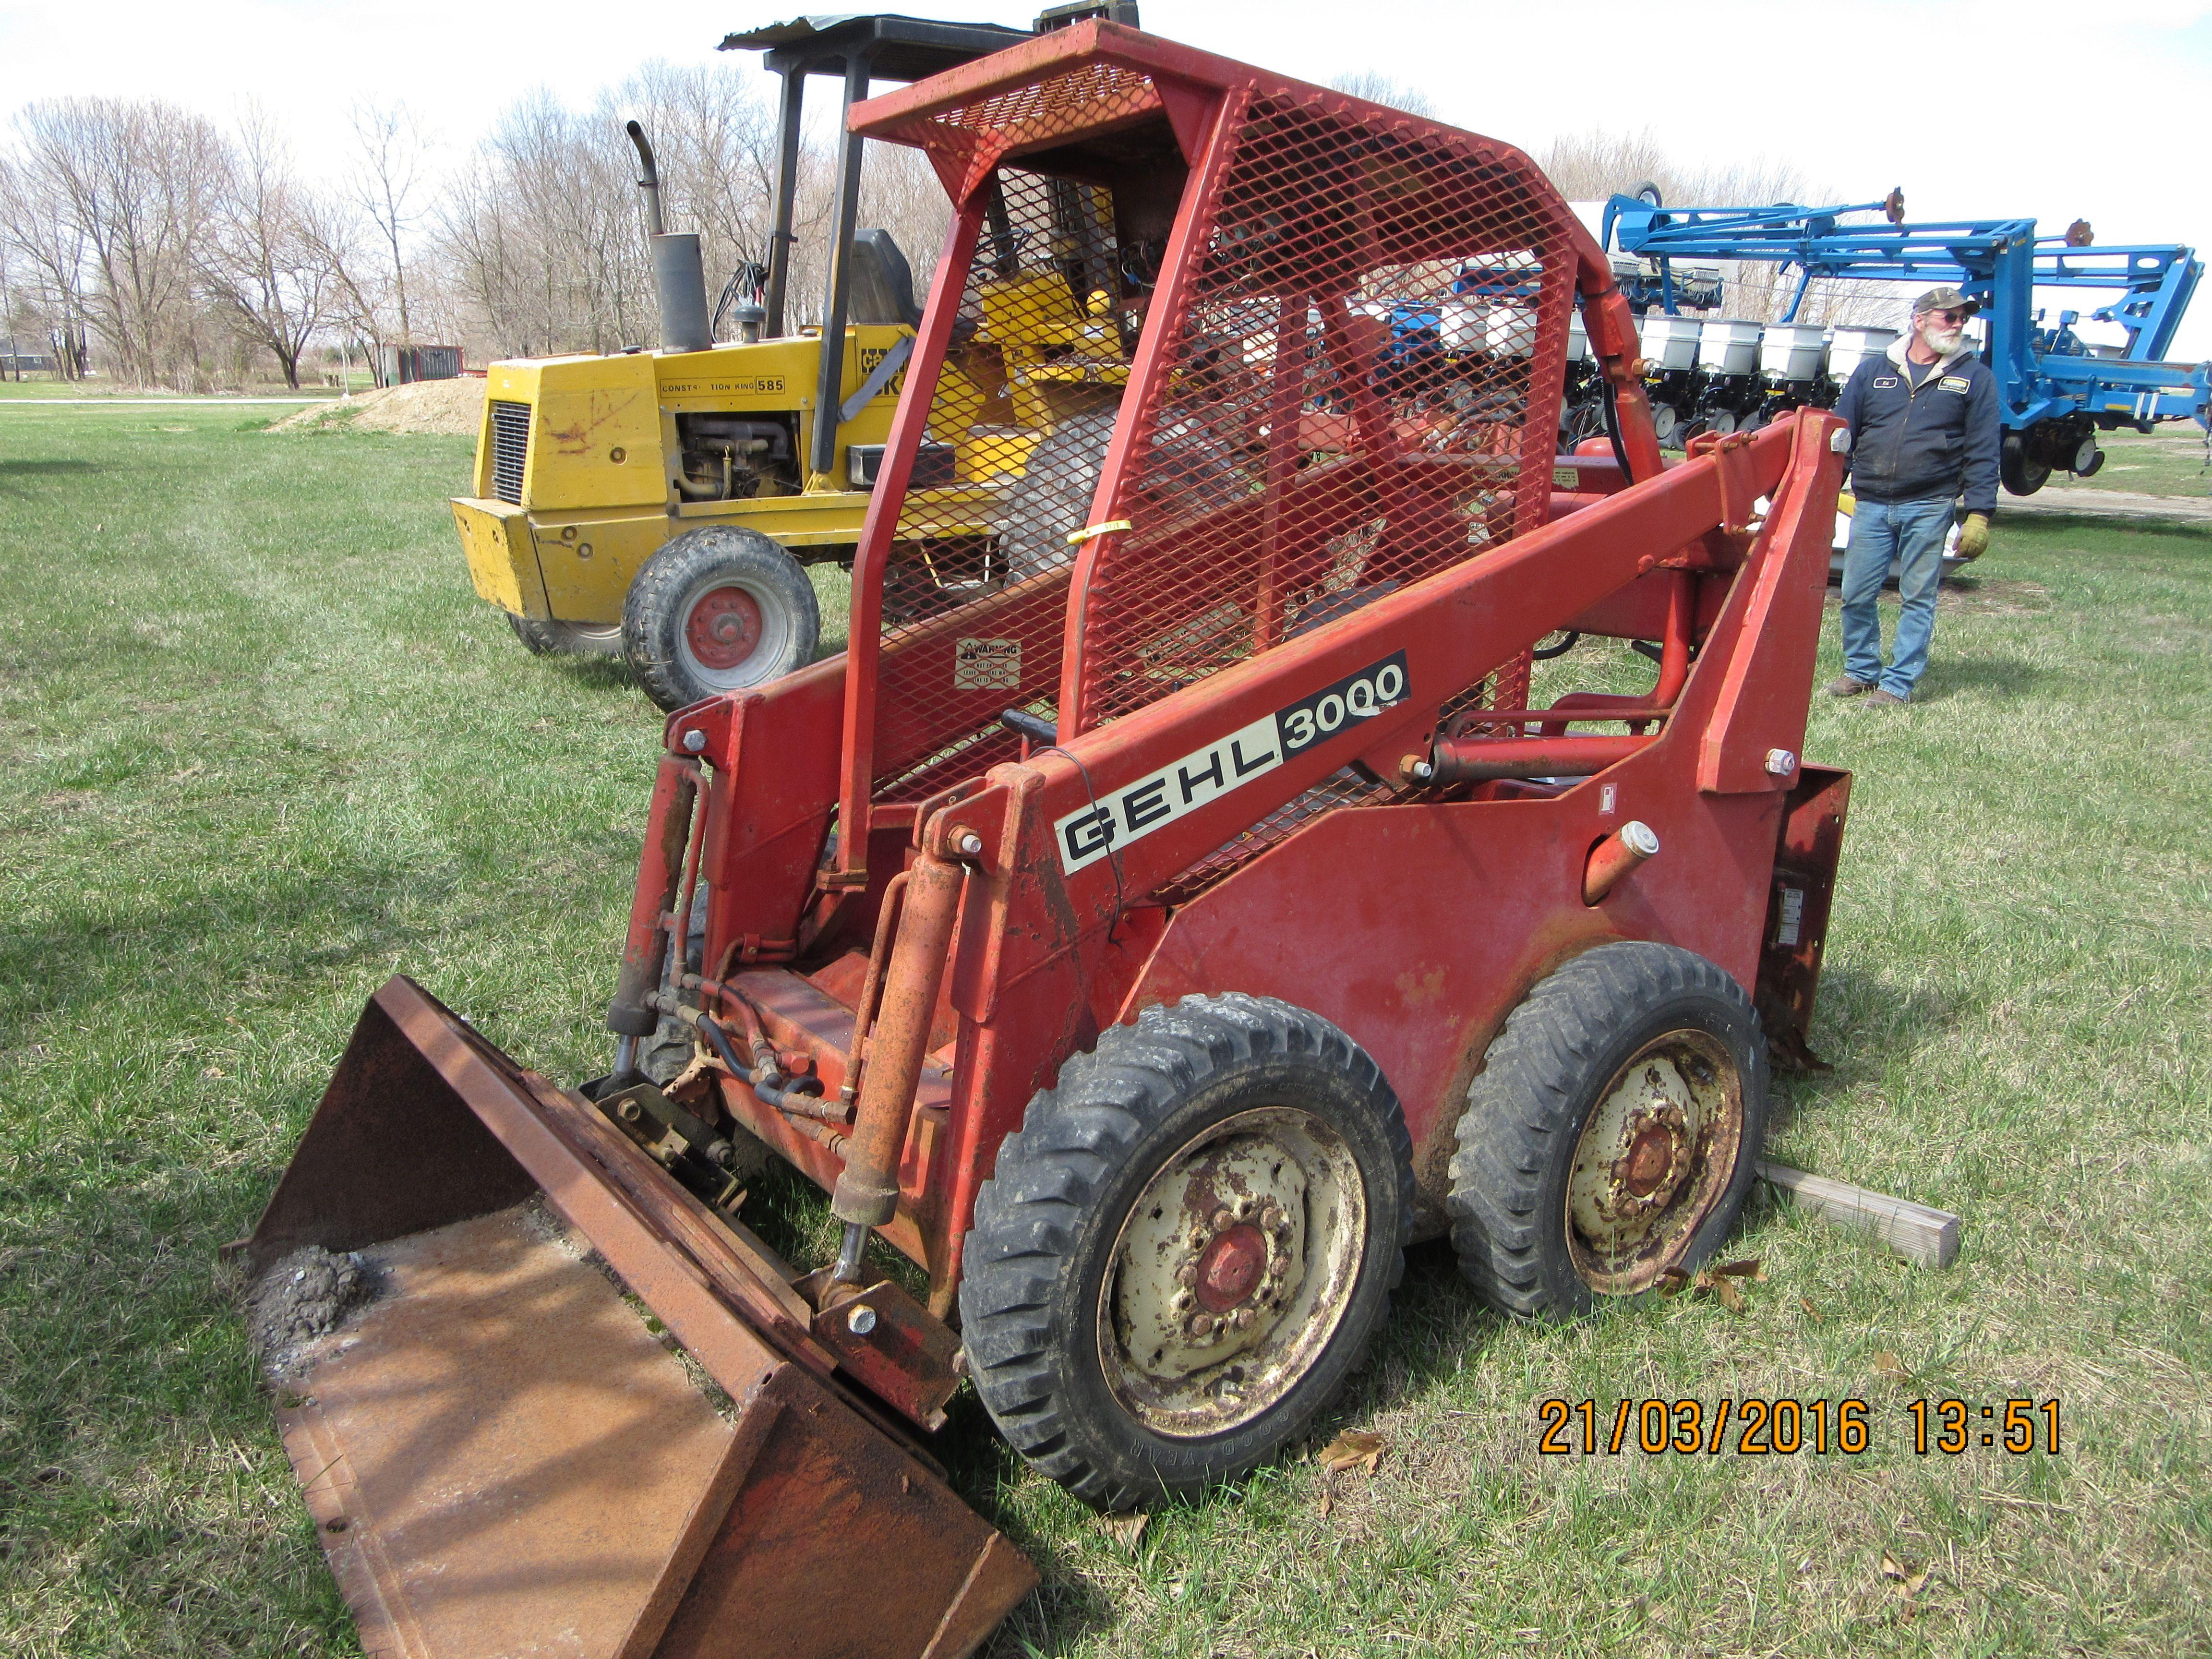 Gehl 3000 skid steer loader   Self Propelled Farm Equipment